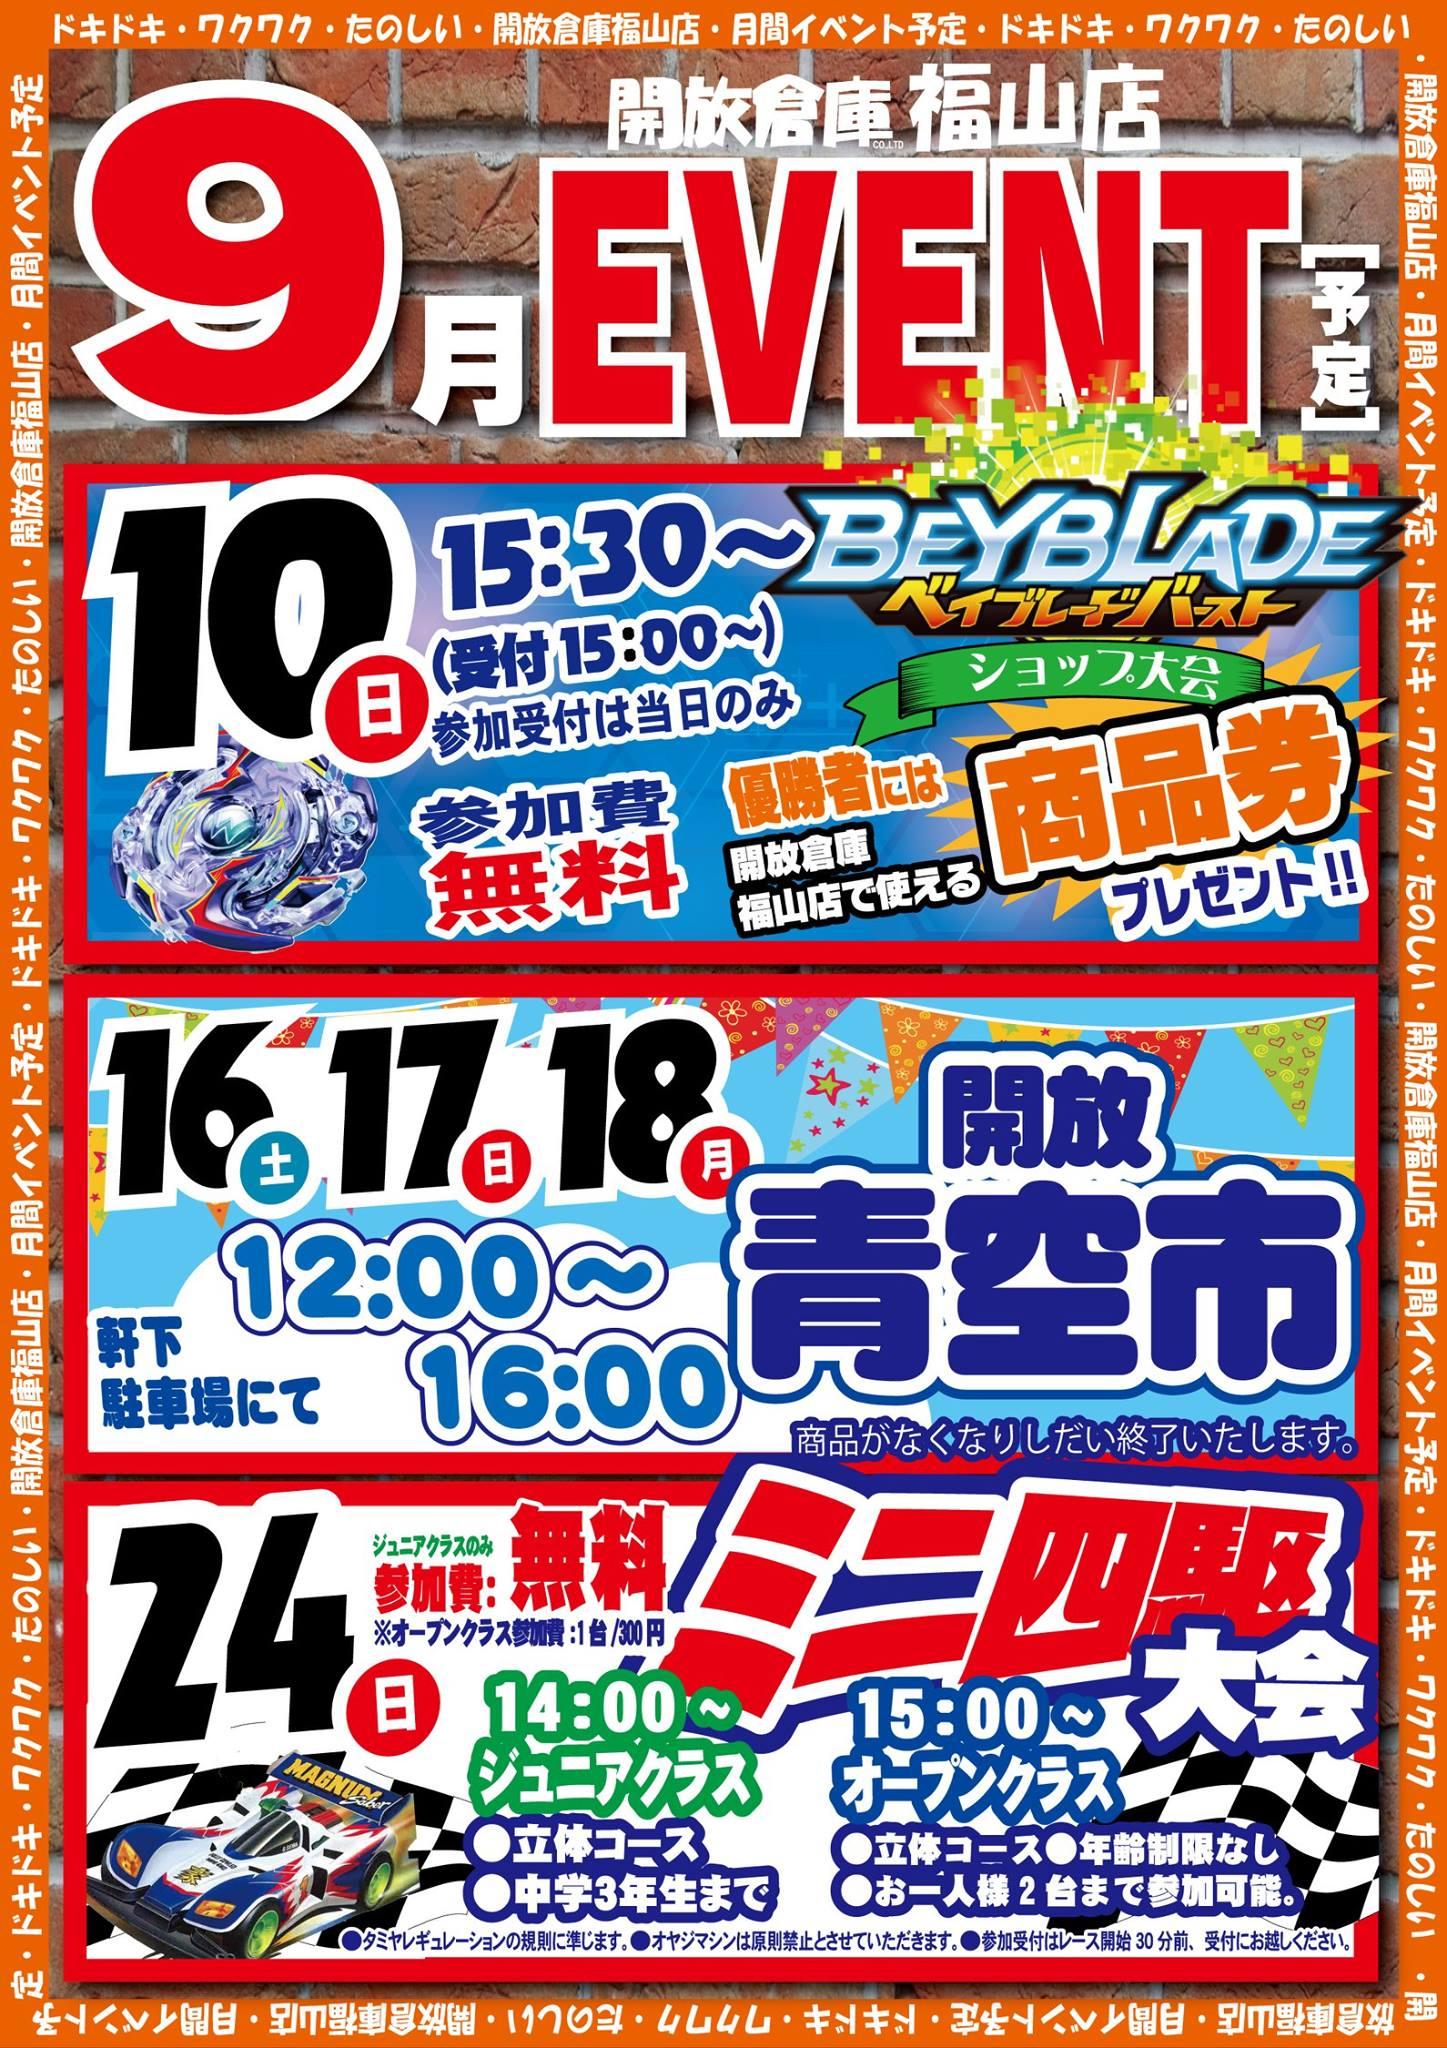 「開放倉庫福山店」2017年9月のイベント日程表を更新しました!!